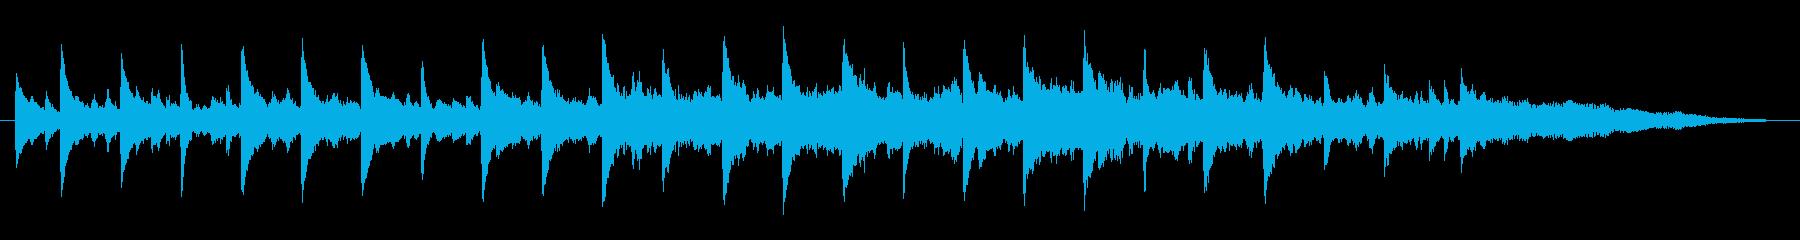 企業VP・CM・爽やか・涼しい・30秒の再生済みの波形